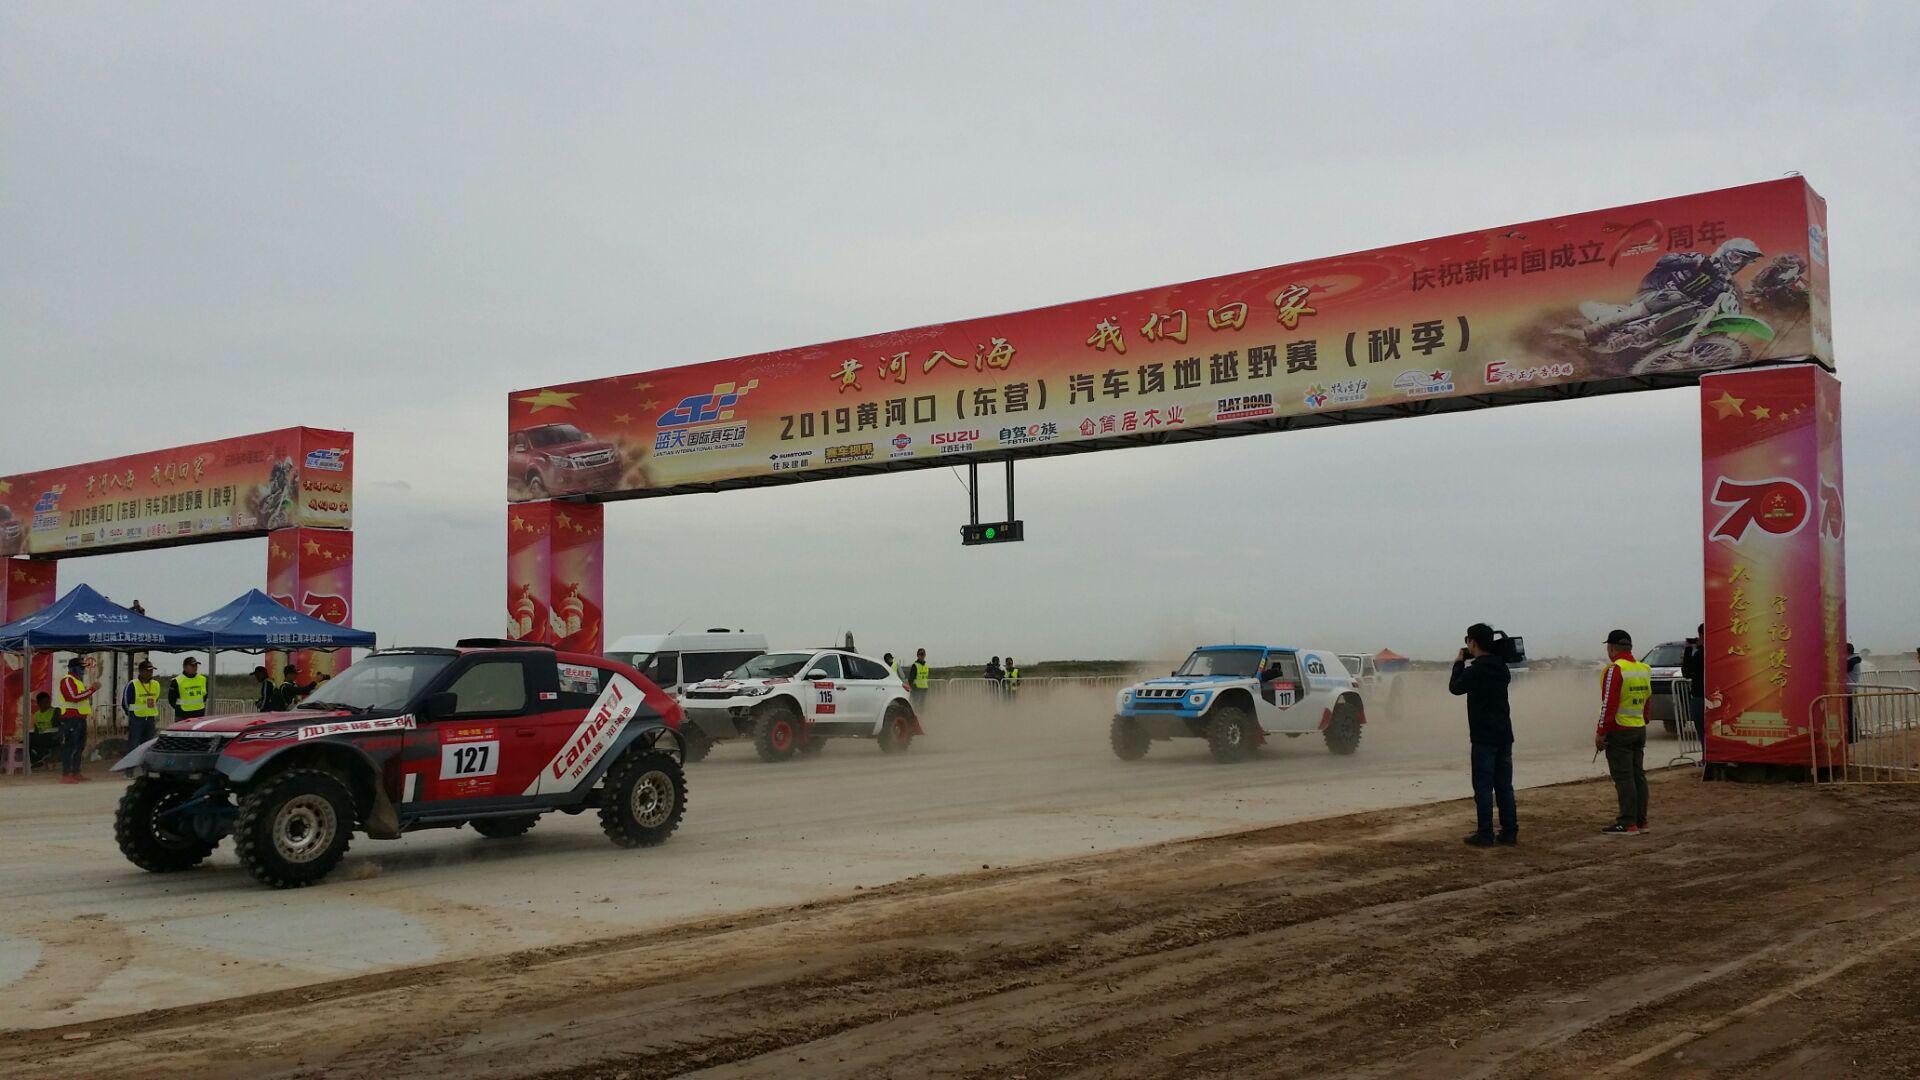 黄河口(东营)汽车场地越野赛开幕